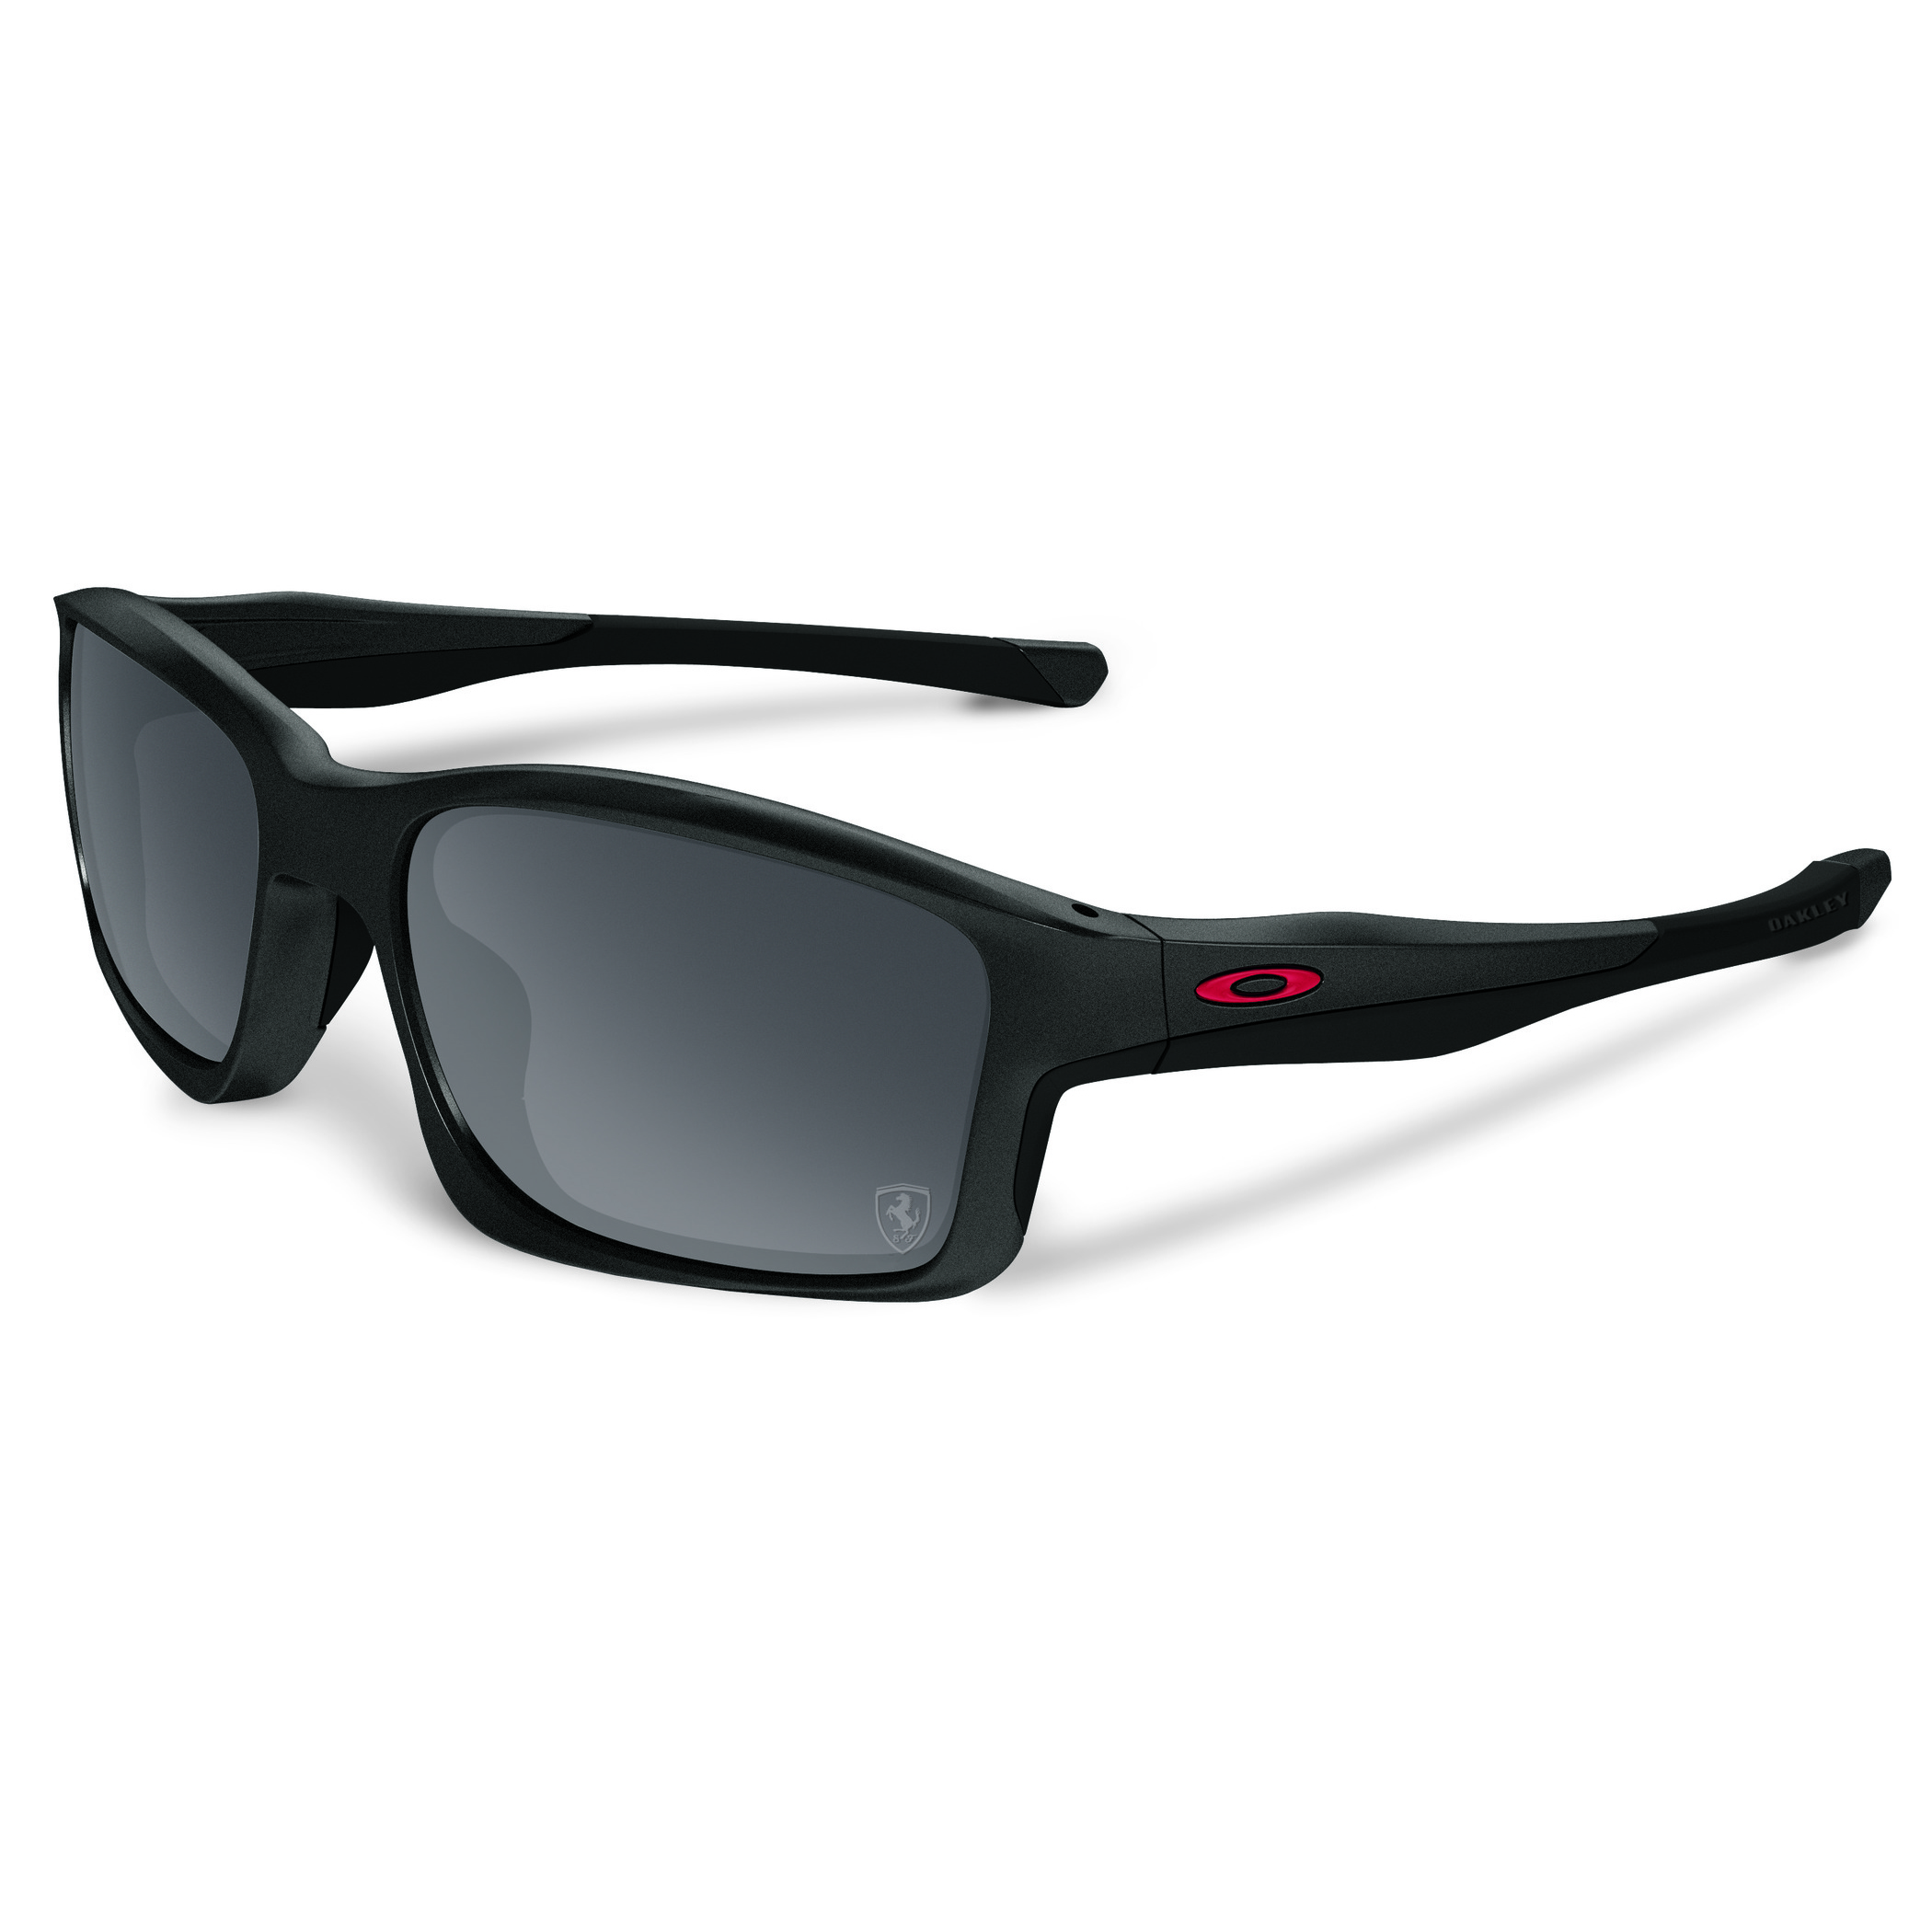 Scuderia Ferrari OAKLEY Chainlink Sunglasses